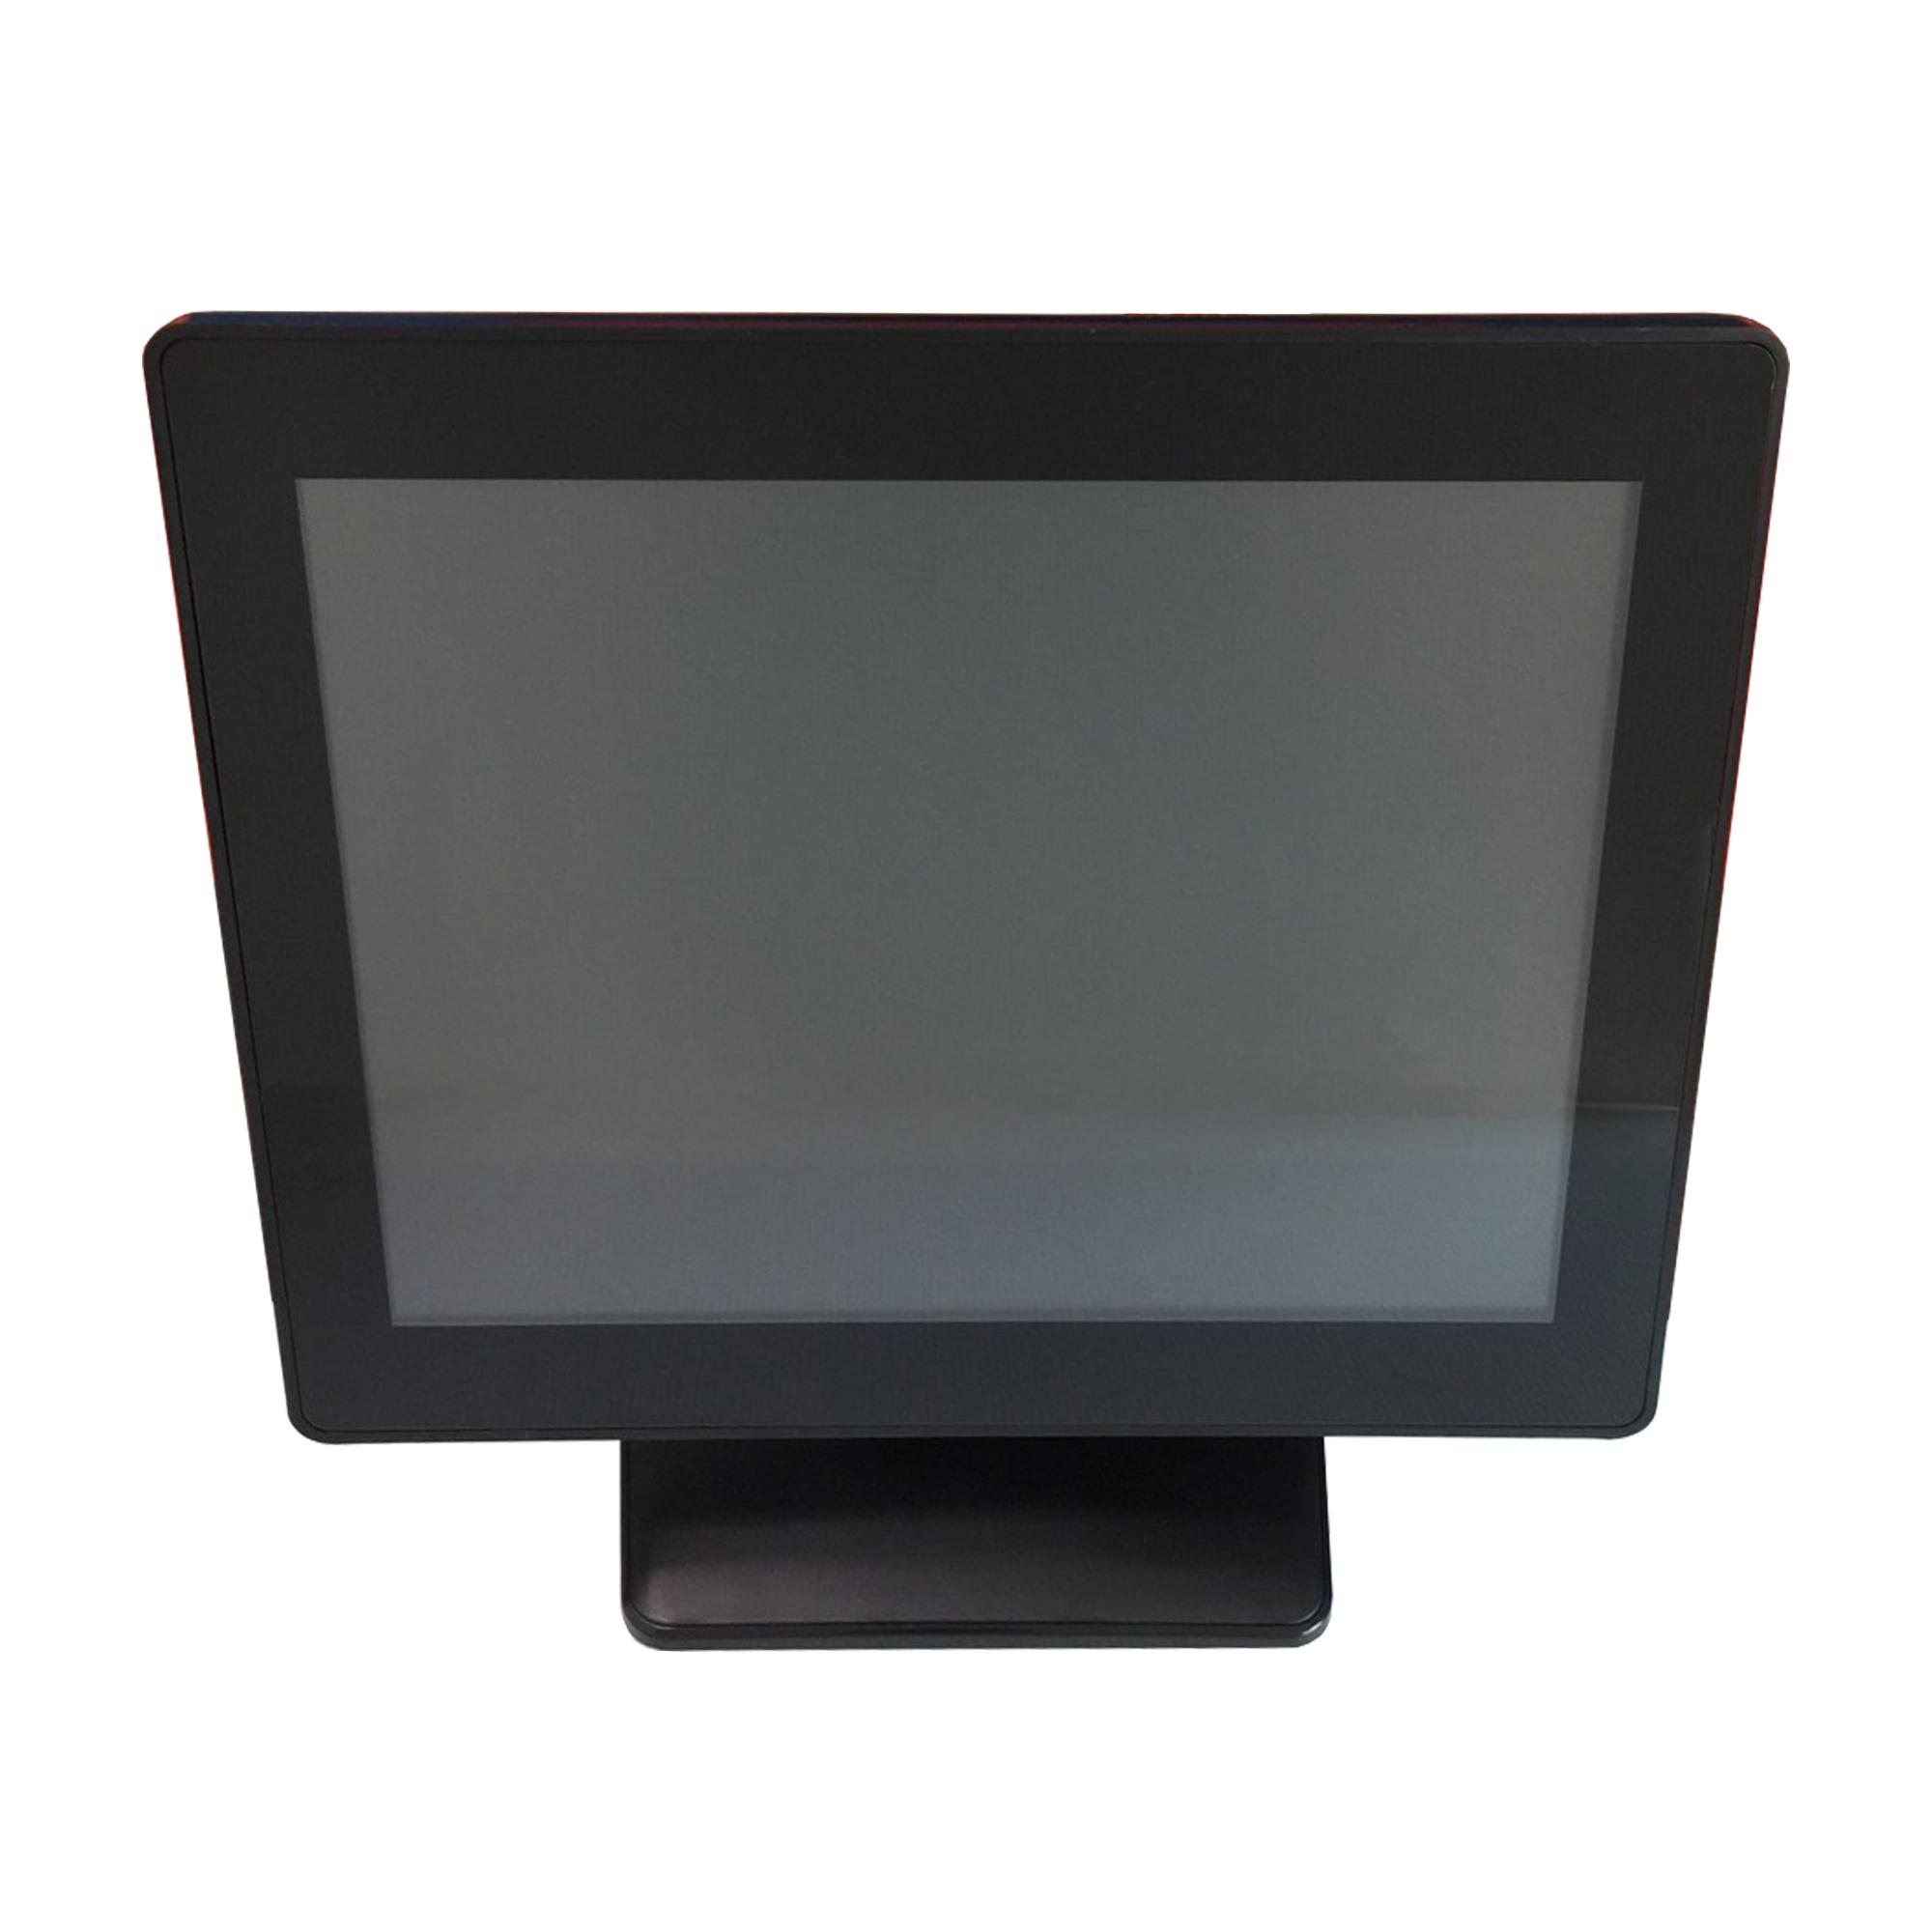 """คอมพิวเตอร์ระบบสัมผัส 15 นิ้ว Medium Duty (All in One Touchscreen POS 15"""") + License Windows 7 รุ่น IN-15D"""